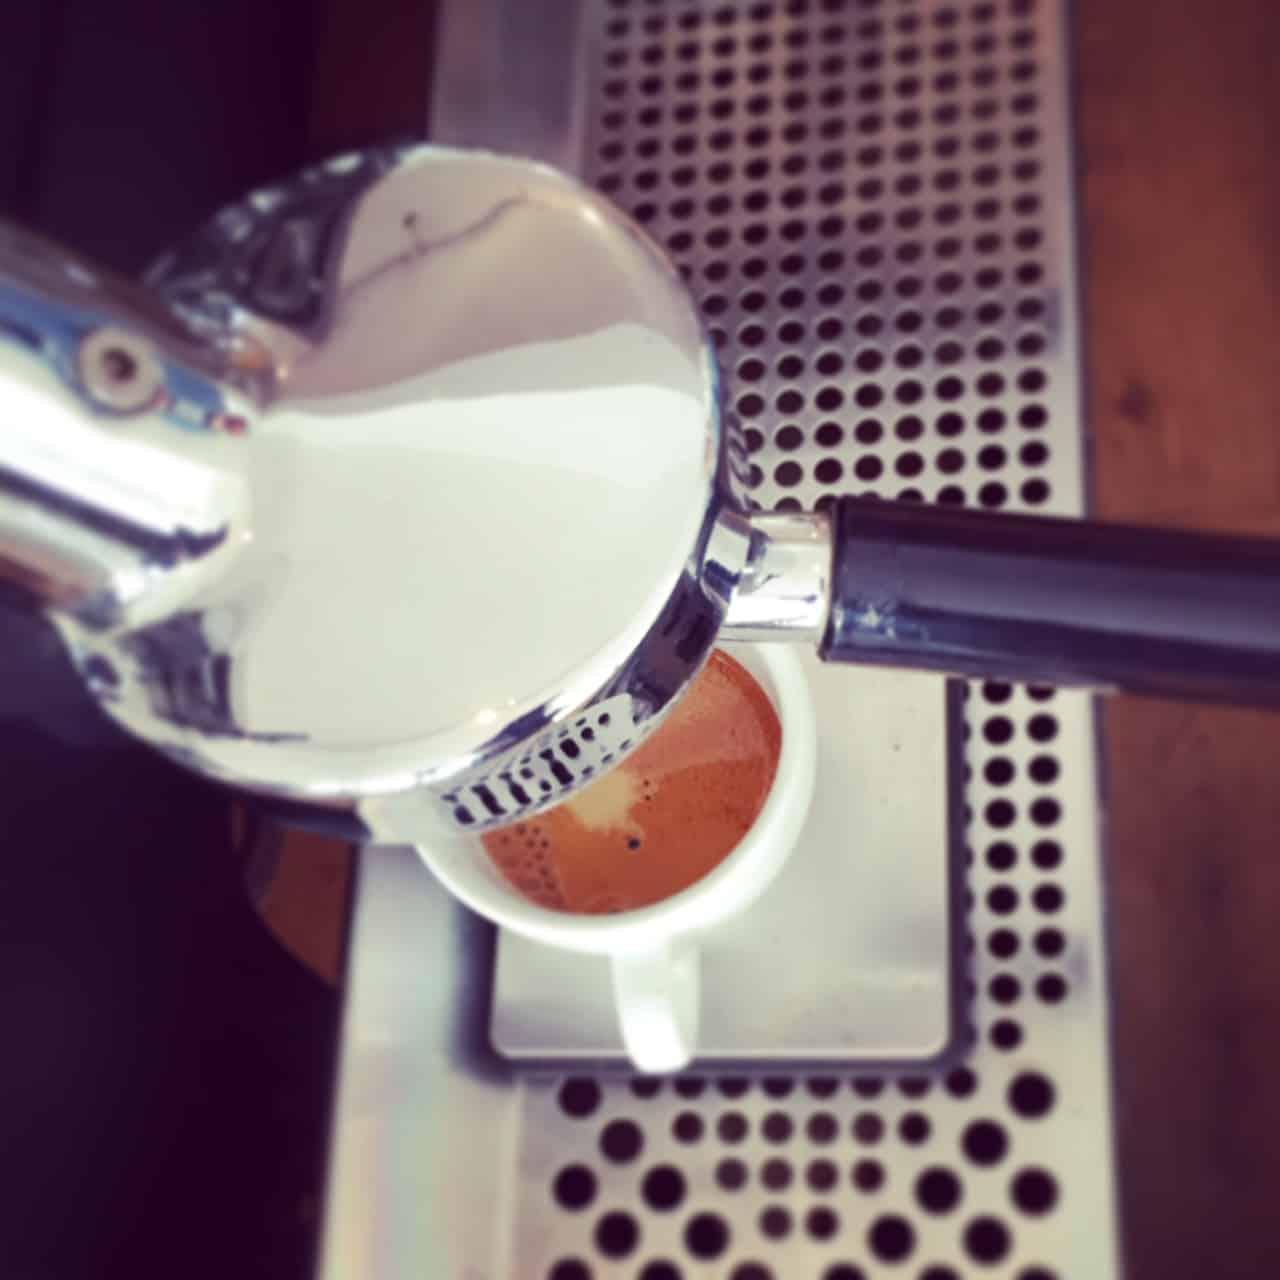 grupo maquina de espresso